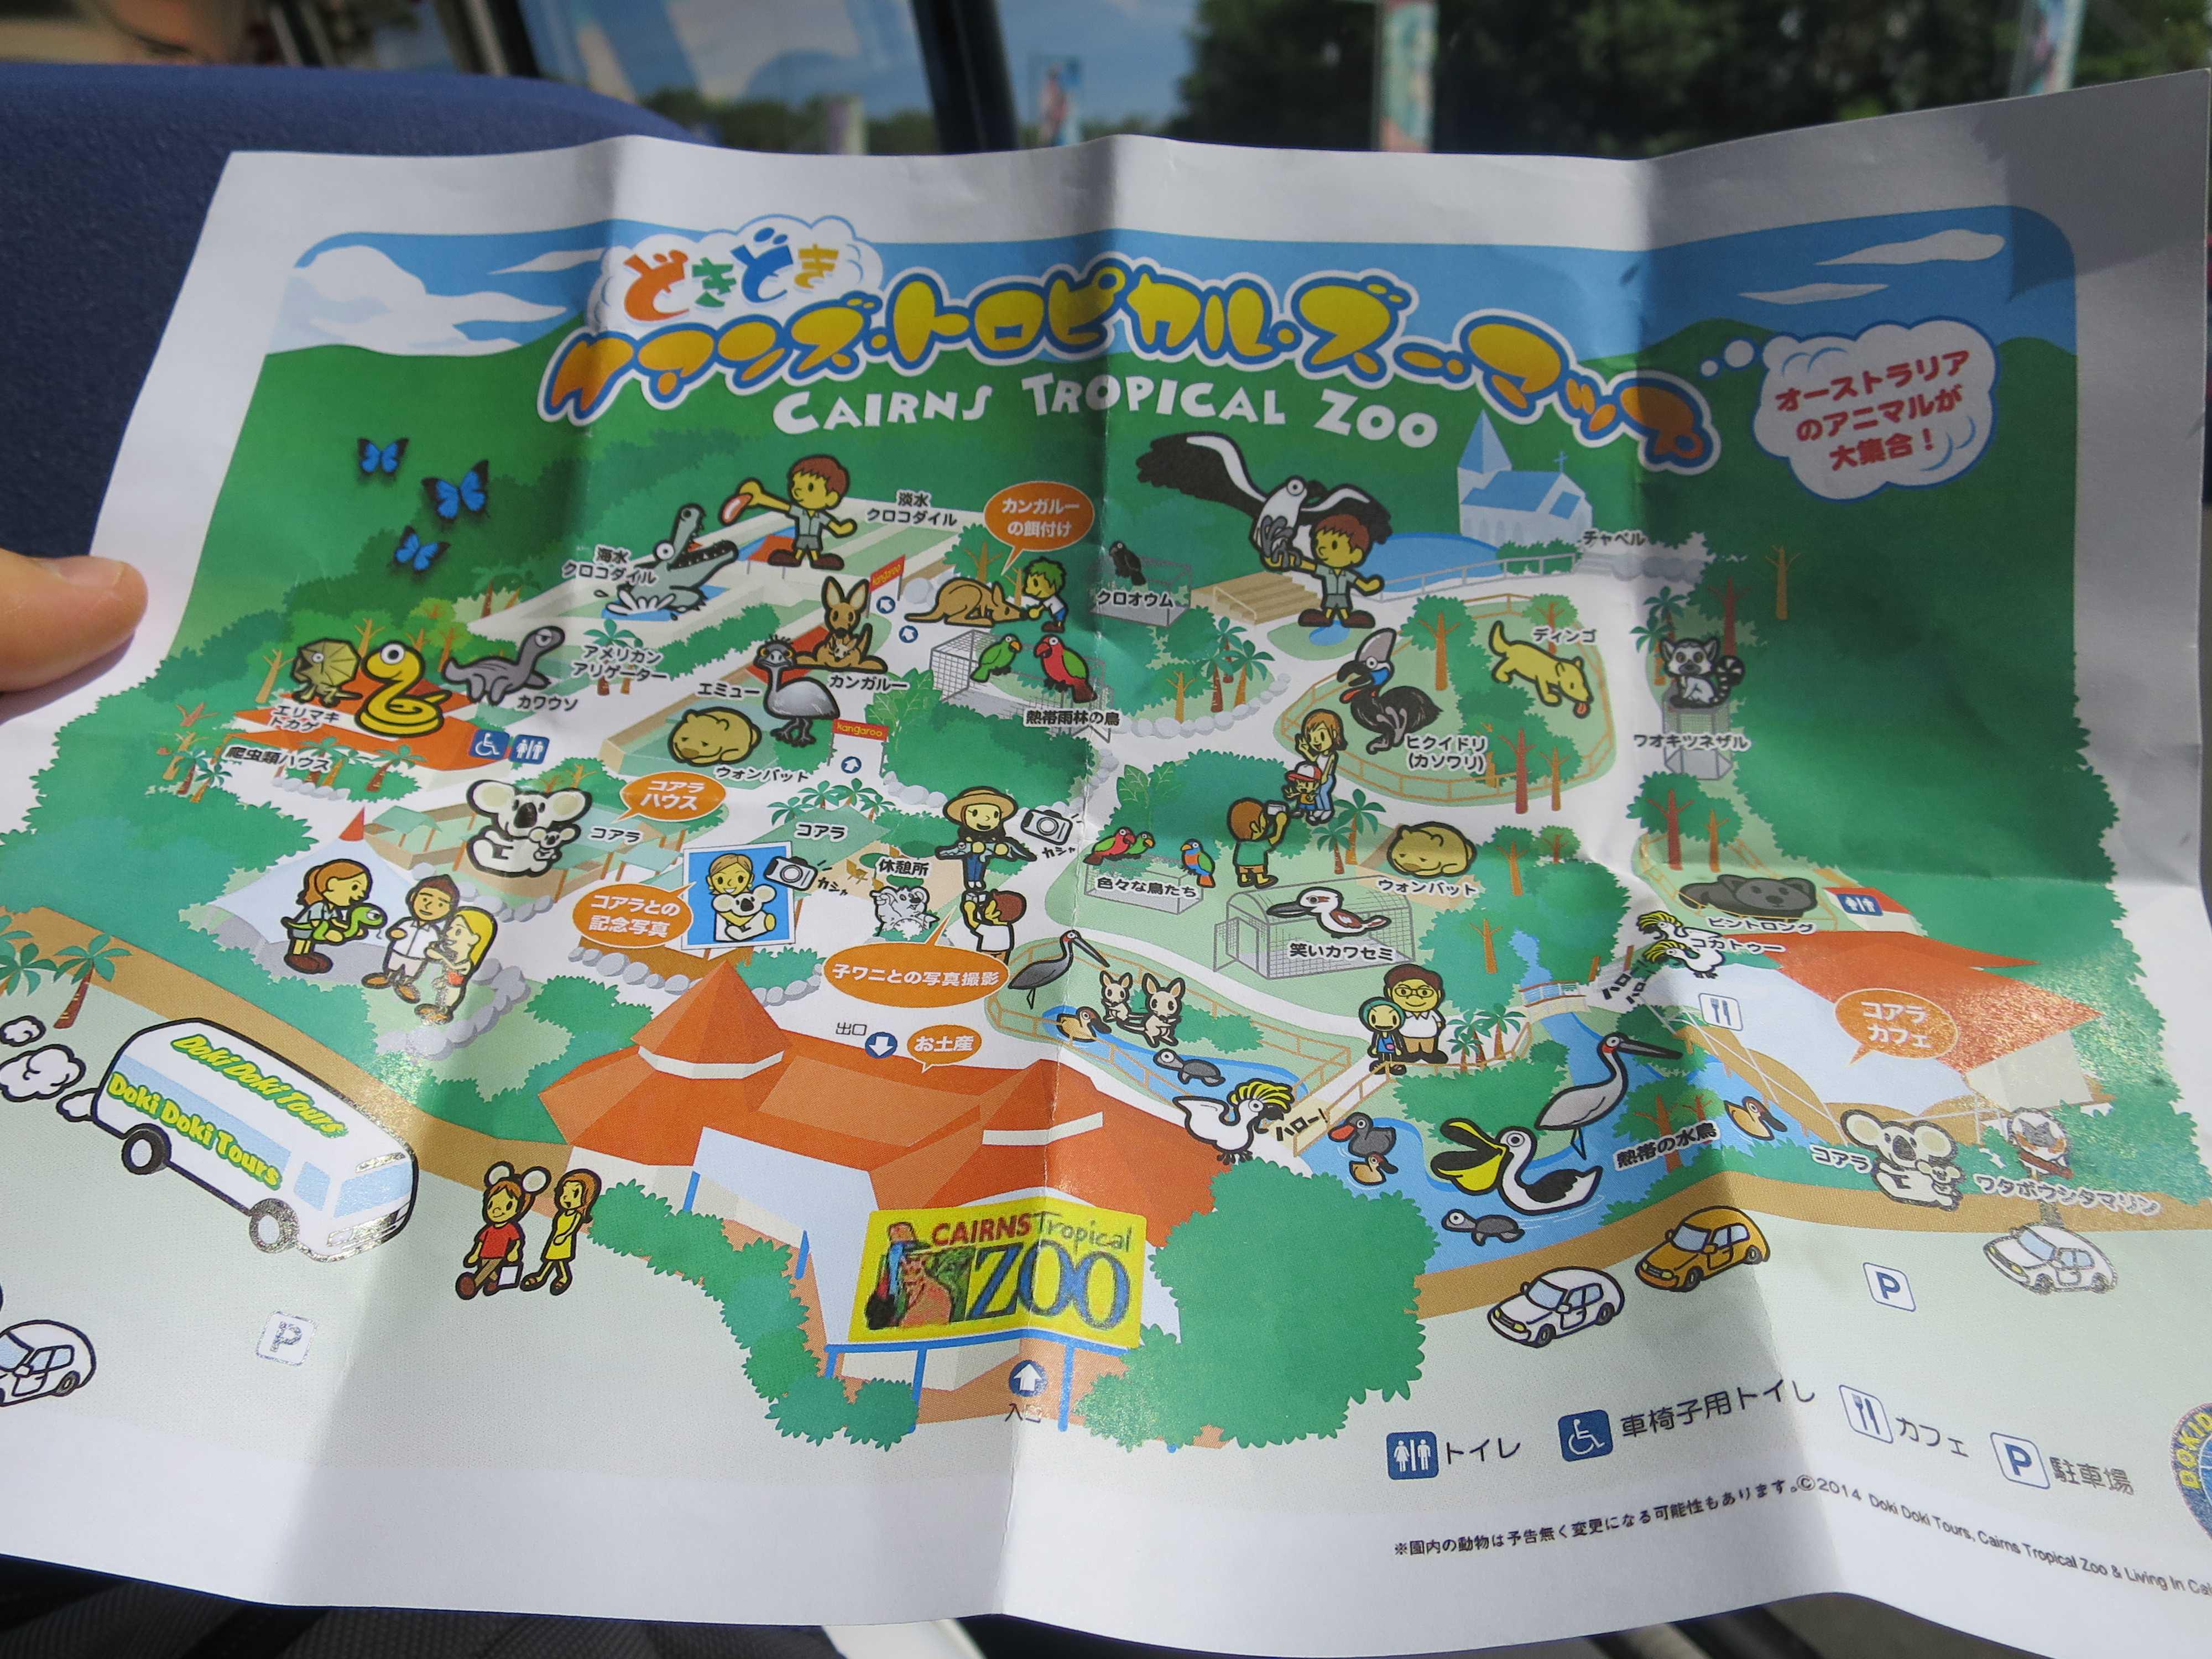 ケアンズ・トロピカル・ズー マップ(園内図)